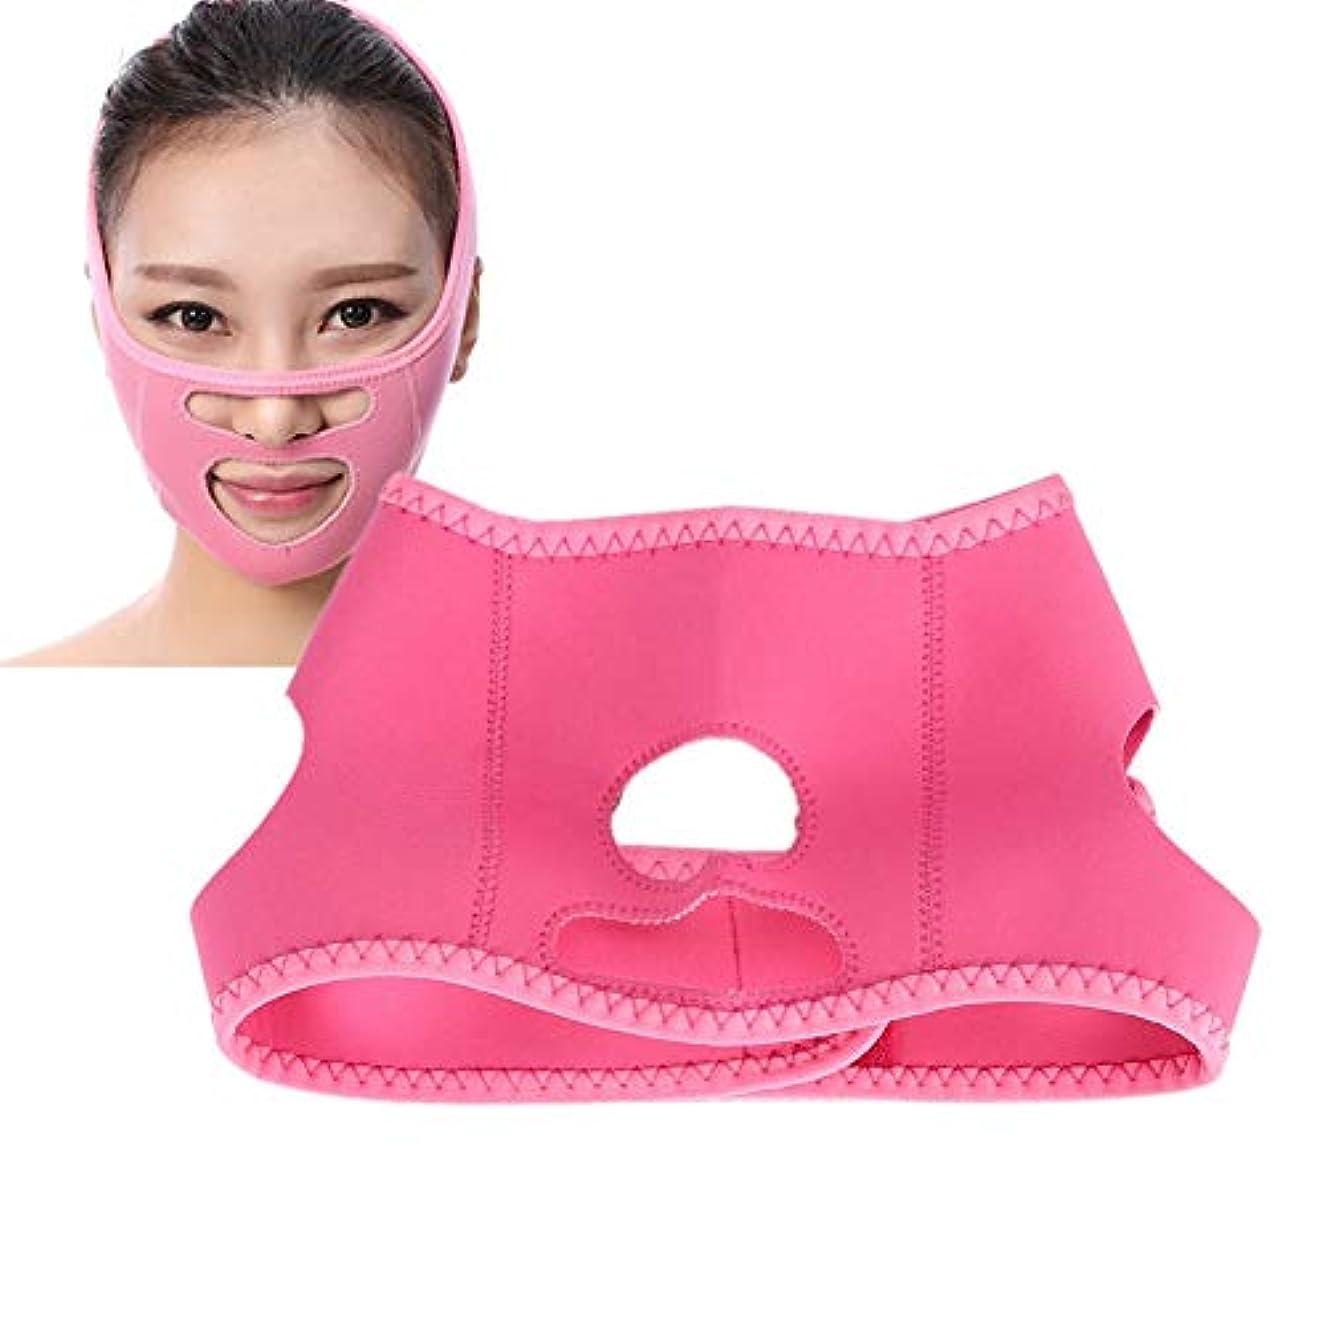 付録終了する社会主義フェイスマスク 低反発素材 通気 小顔 矯正 顔痩せ 筋肉弛緩 二重あご 補正ベルト